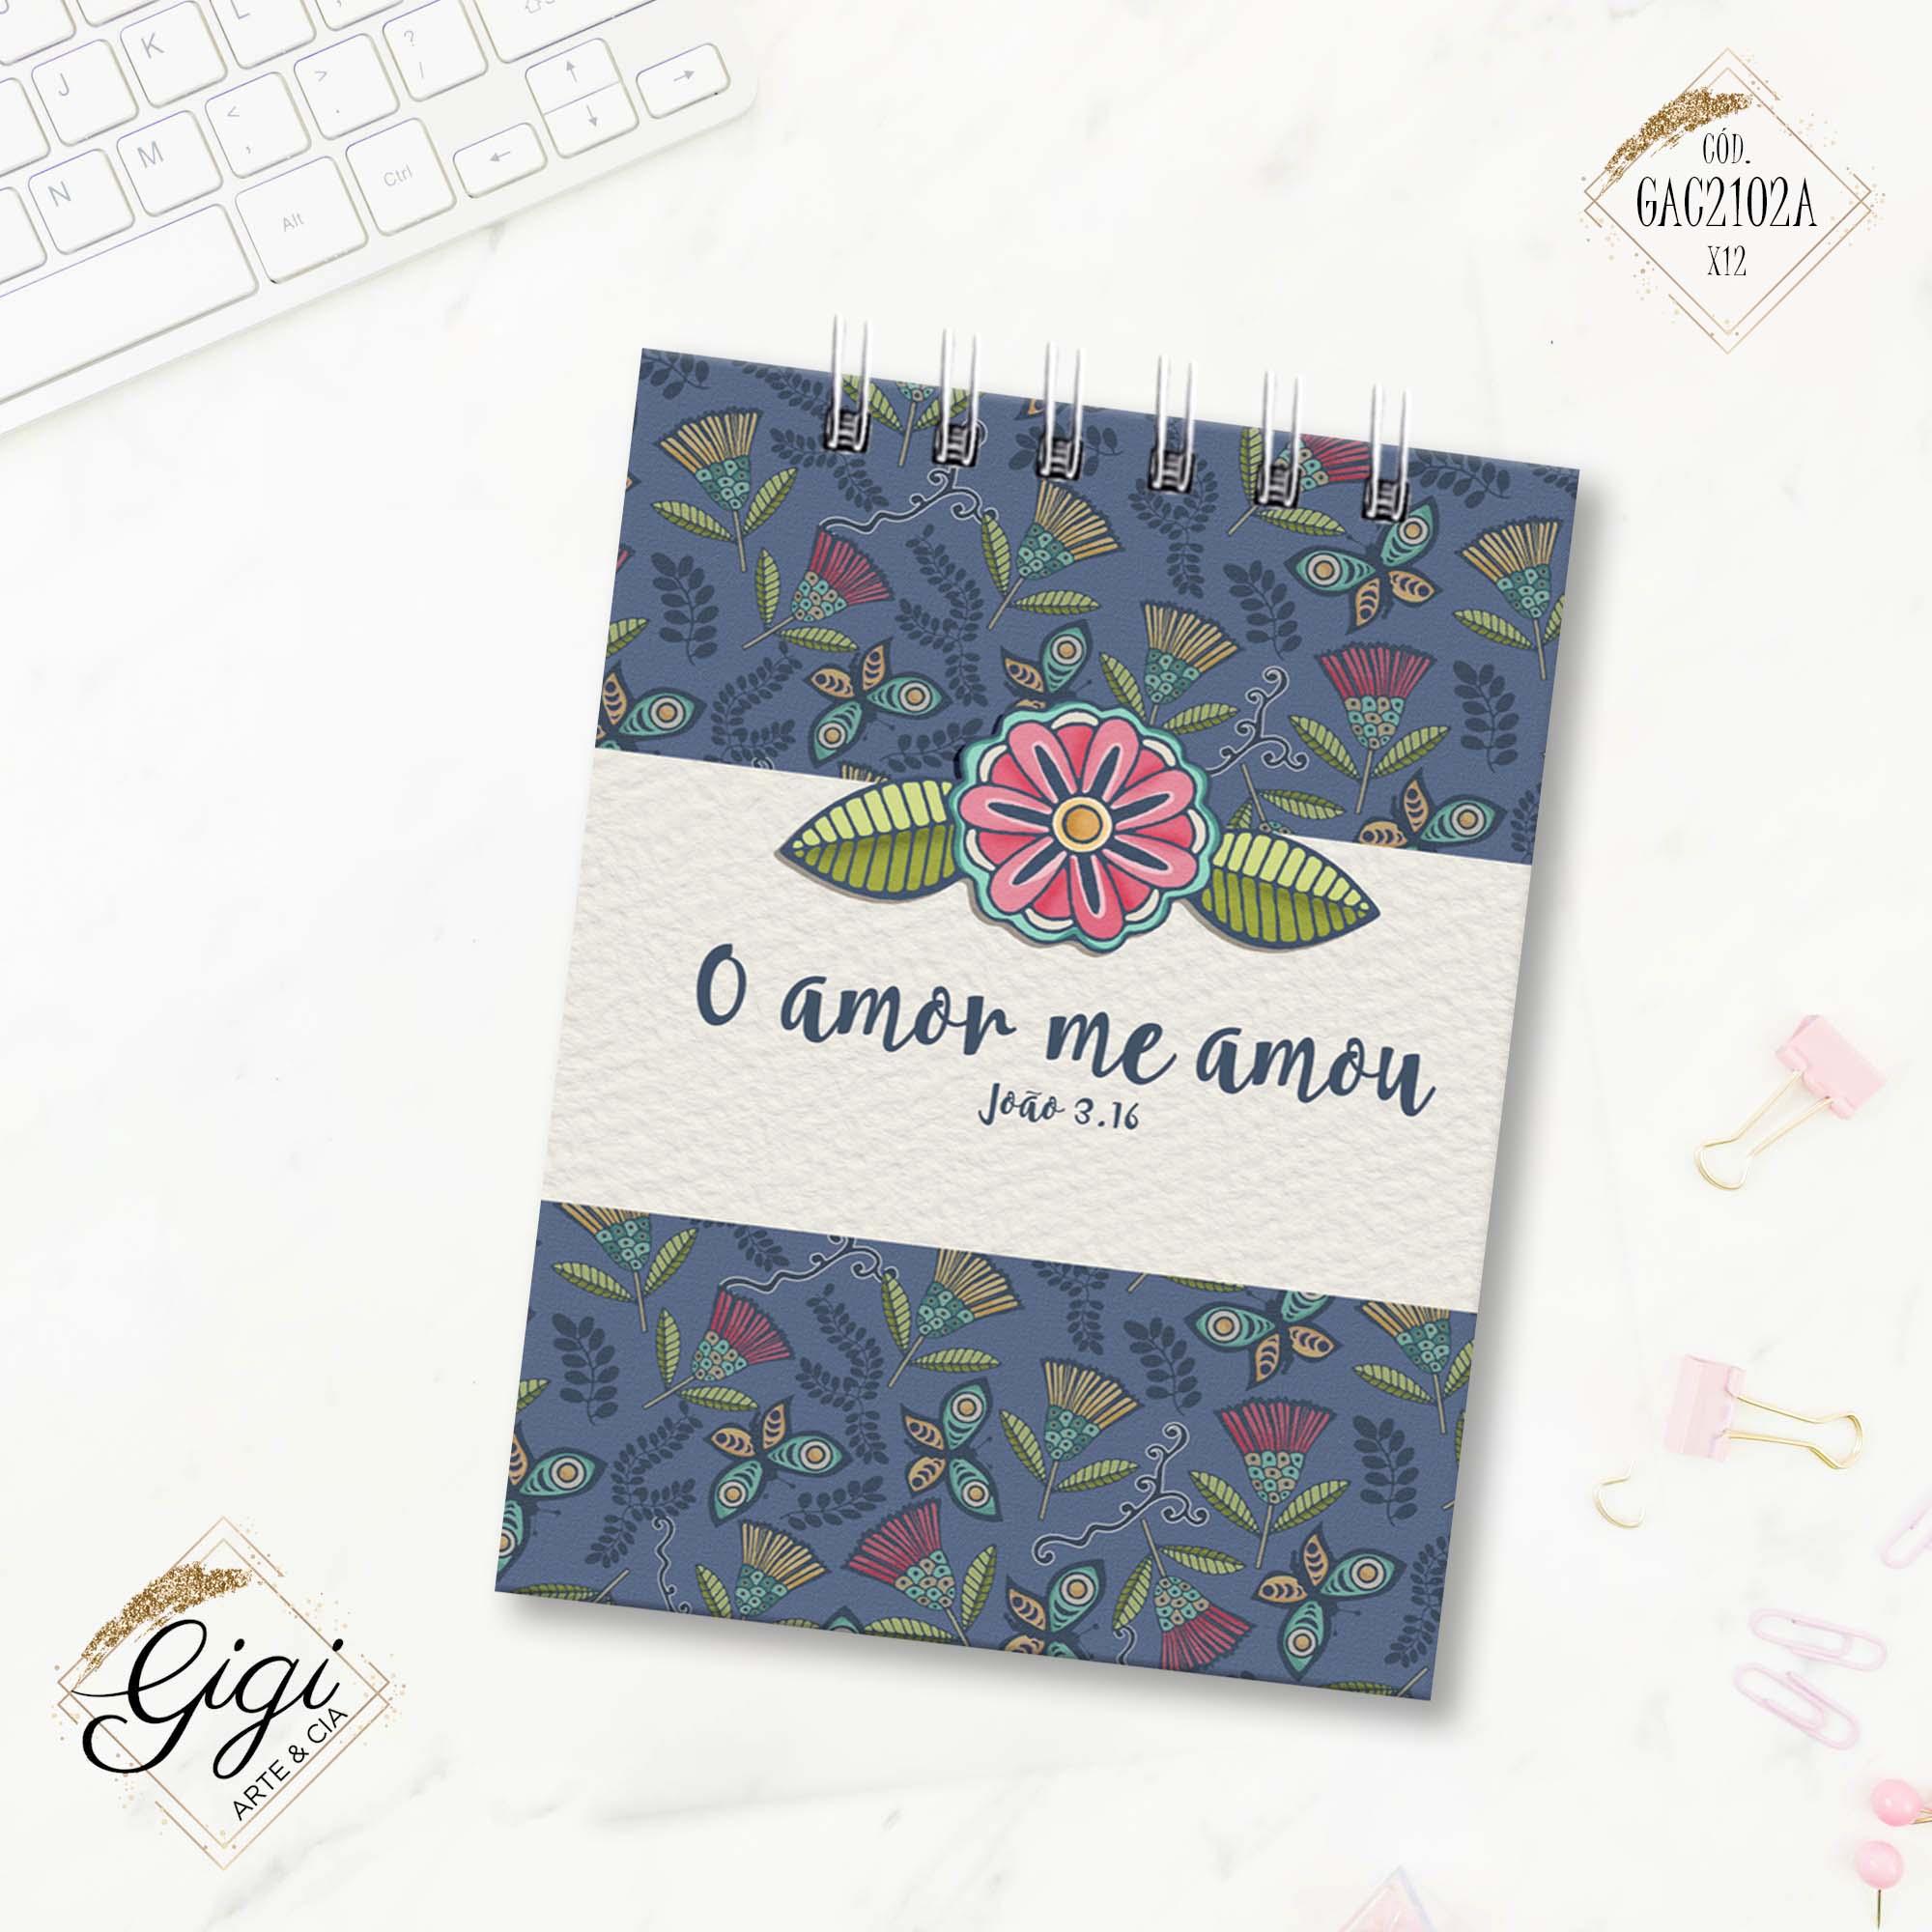 Bloco de Anotações - O Amor me Amou  - Gigi Arte e Cia